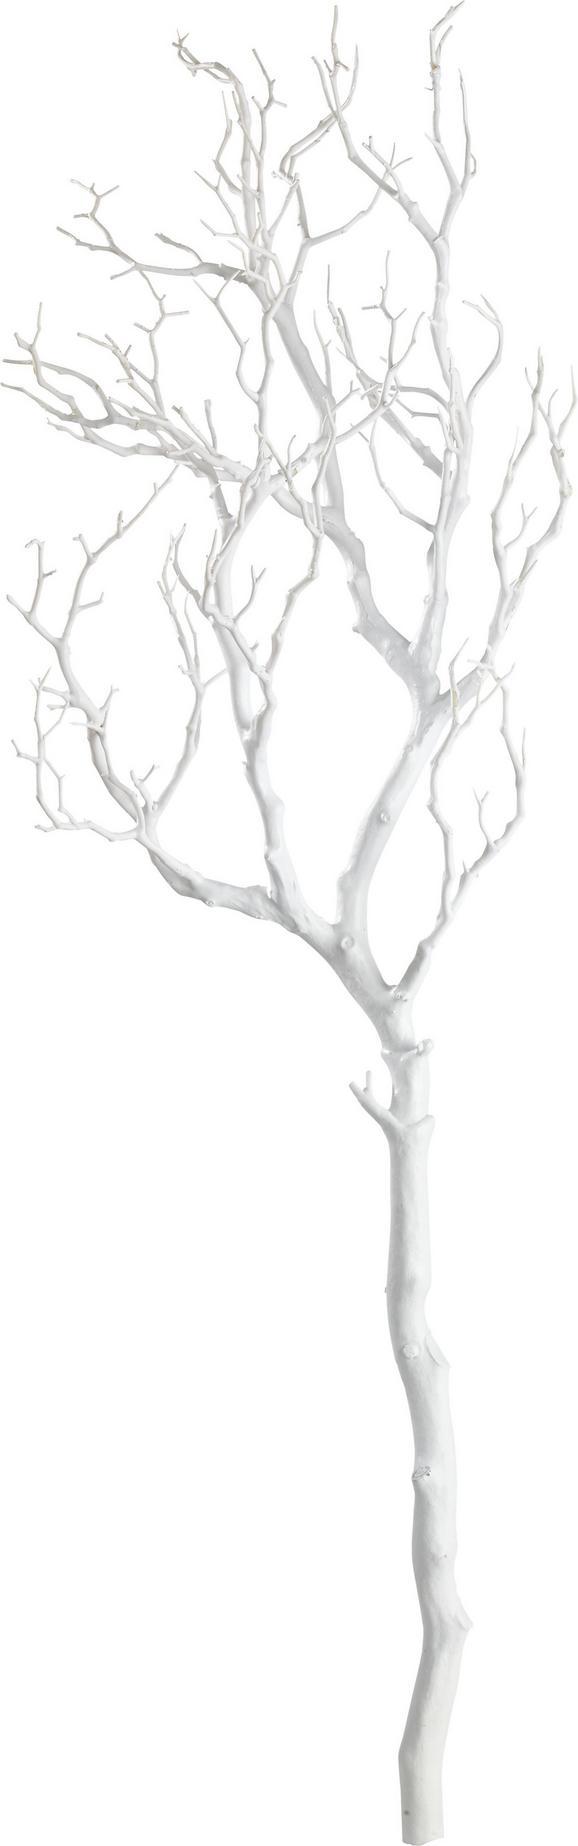 Dekorág Sam - Fehér, Műanyag (97cm) - Mömax modern living